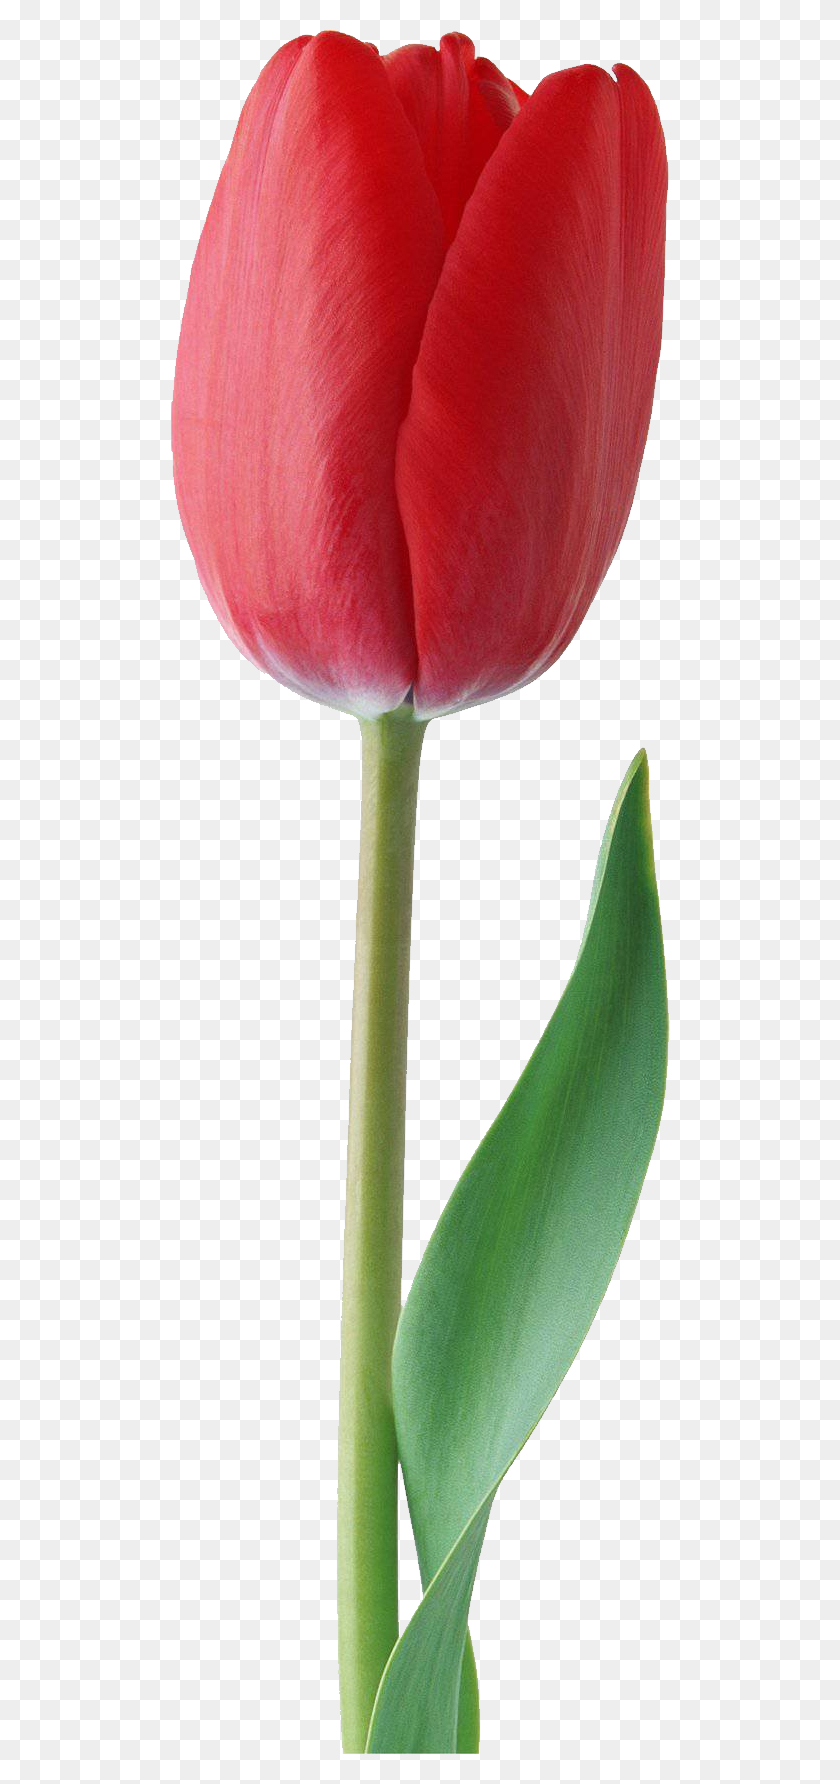 Tulip Png Transparent Tulip Images - Tulip PNG